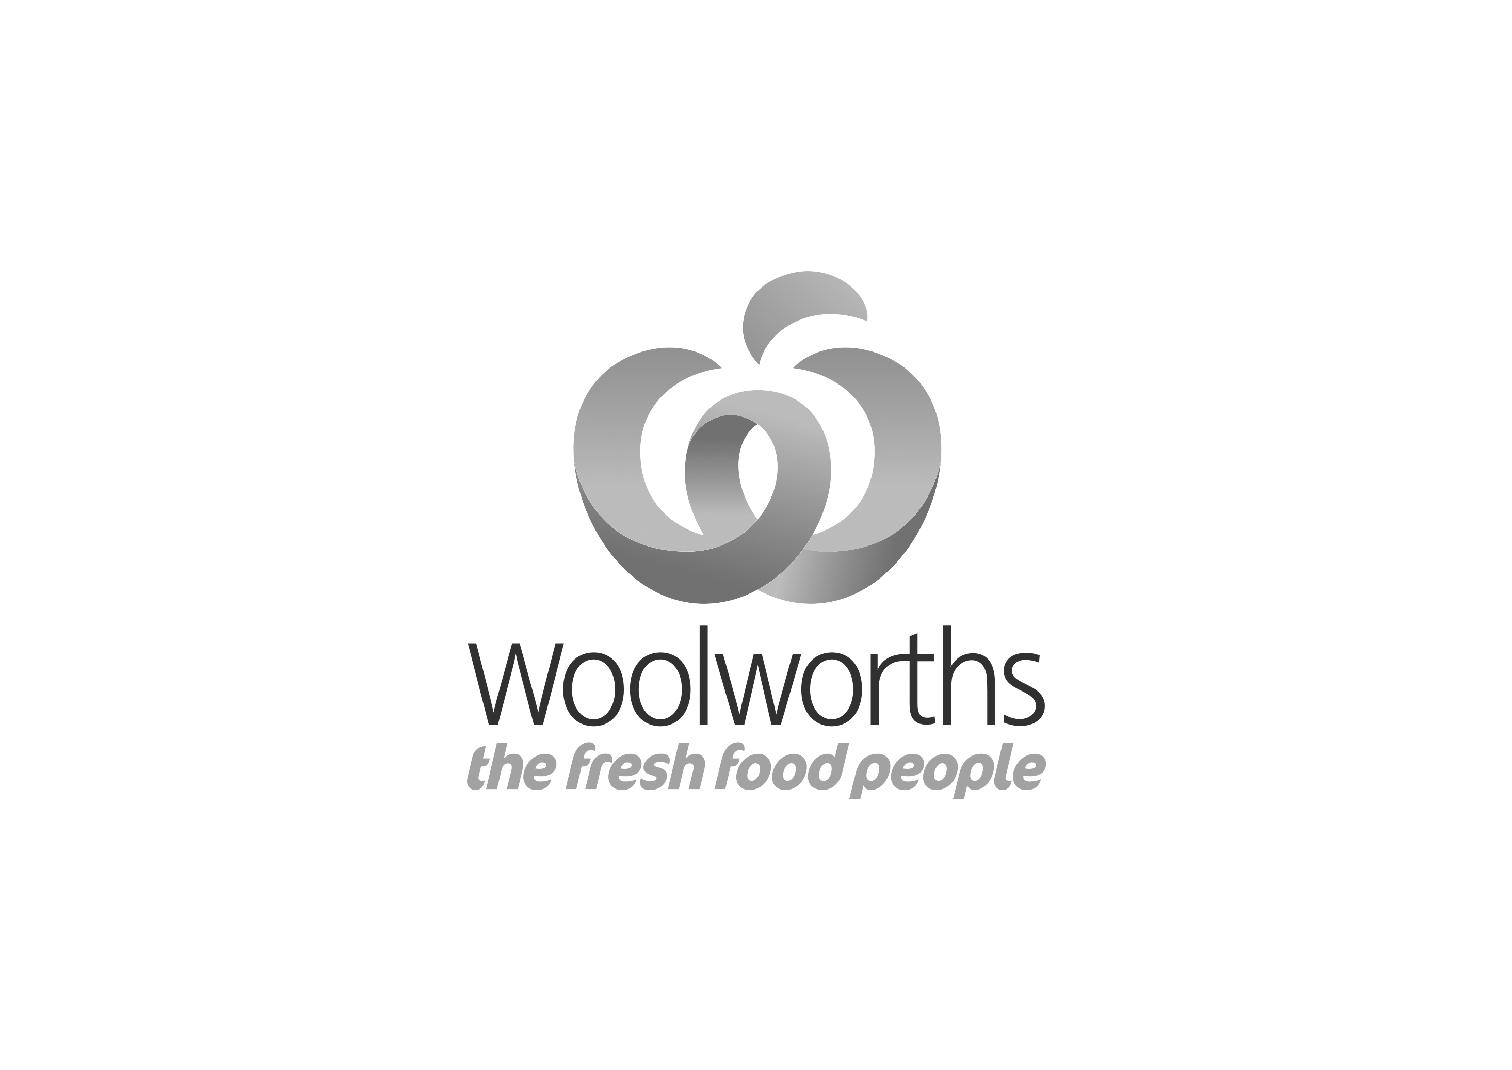 Woolworths-01.jpg